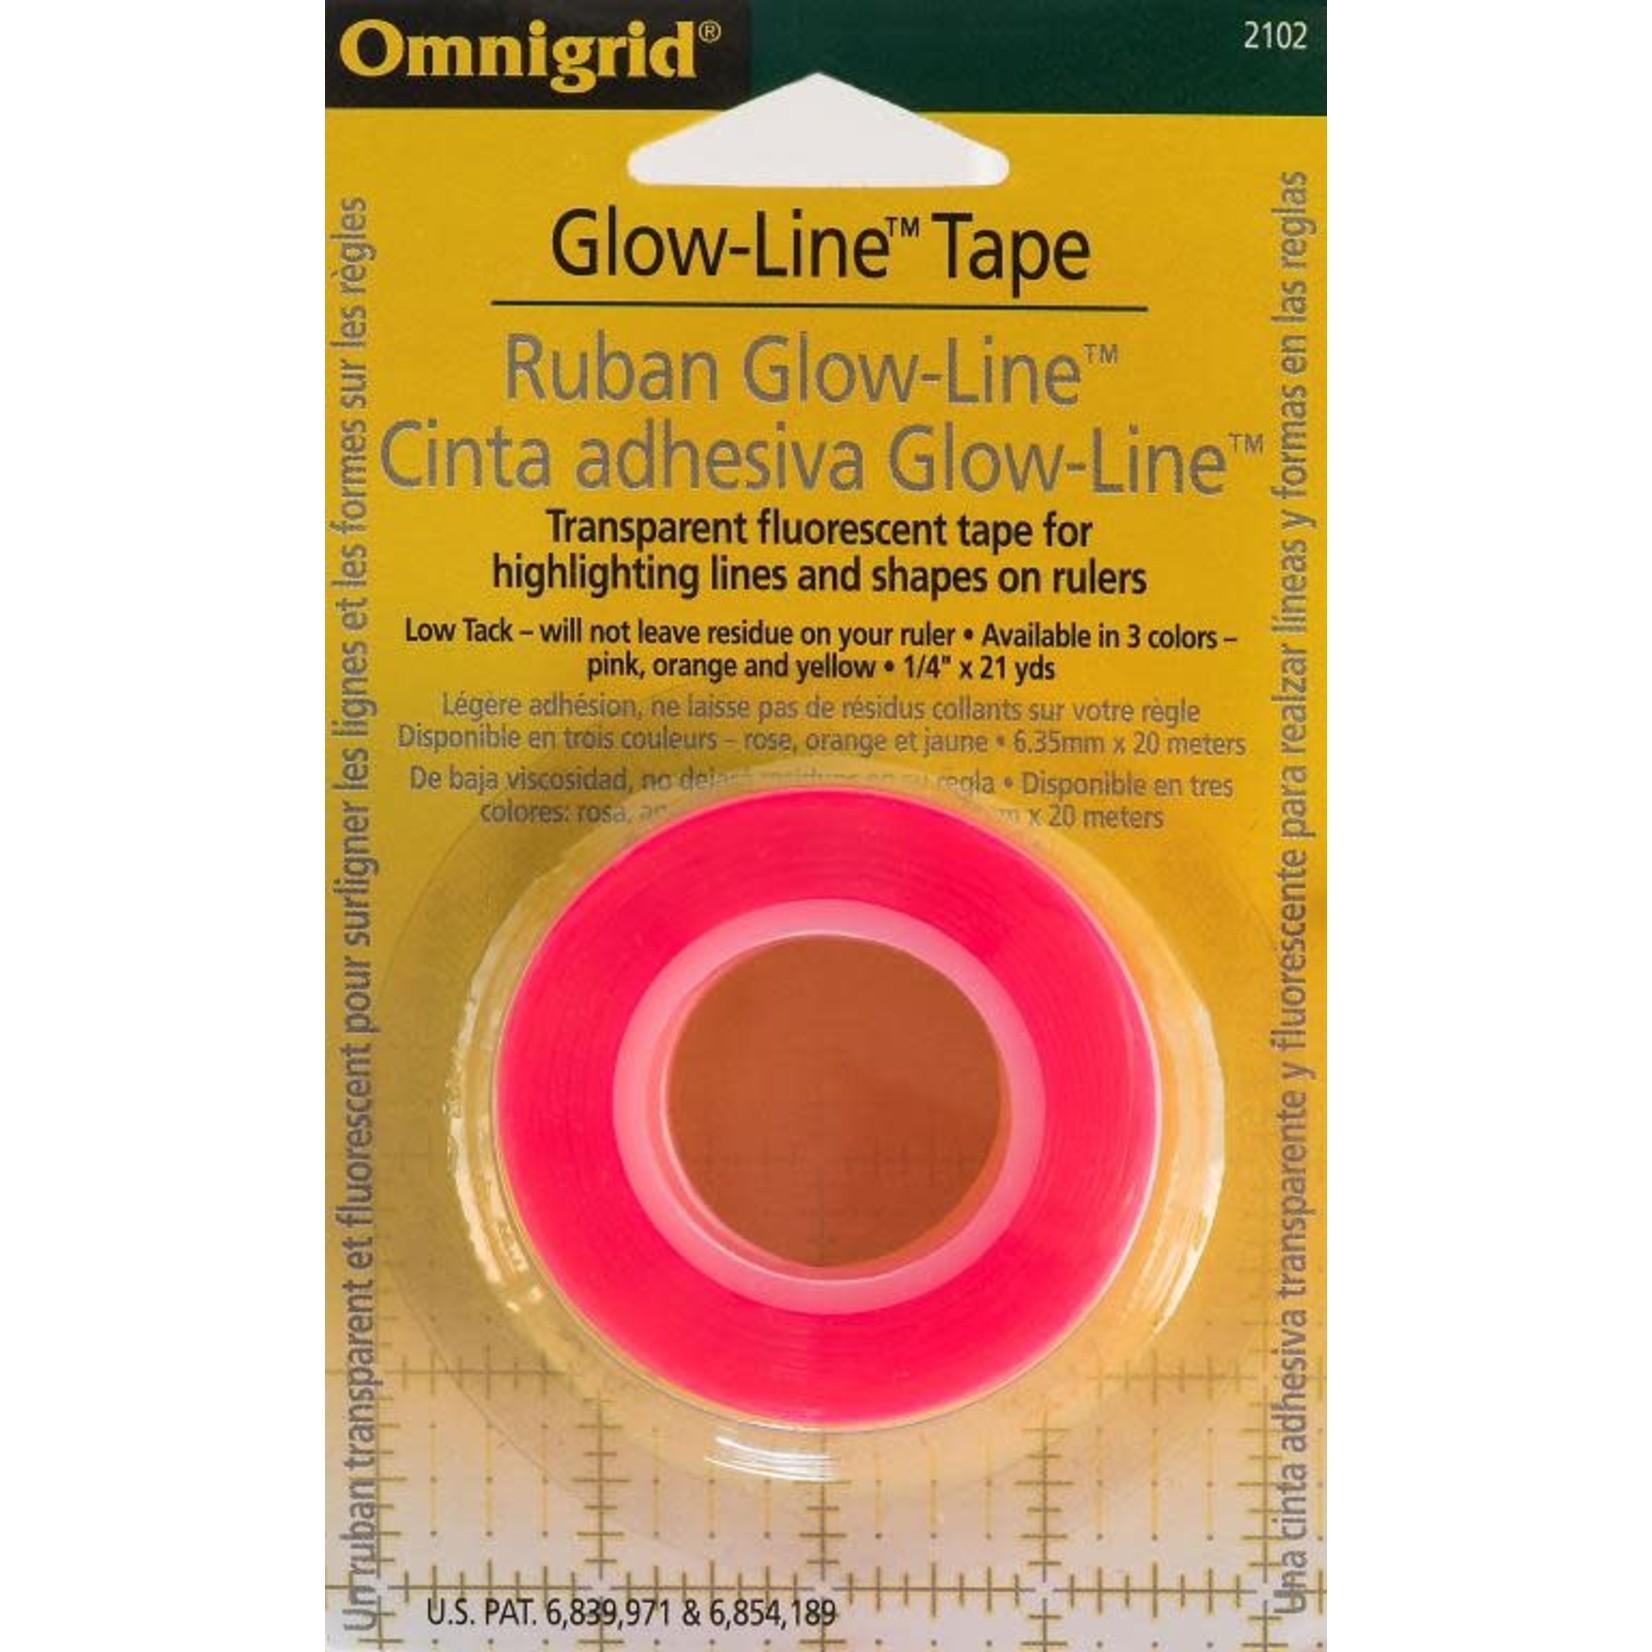 Omnigrid OMNIGRID GLOW-LINE TAPE, PINK, YELLOW & ORANGE